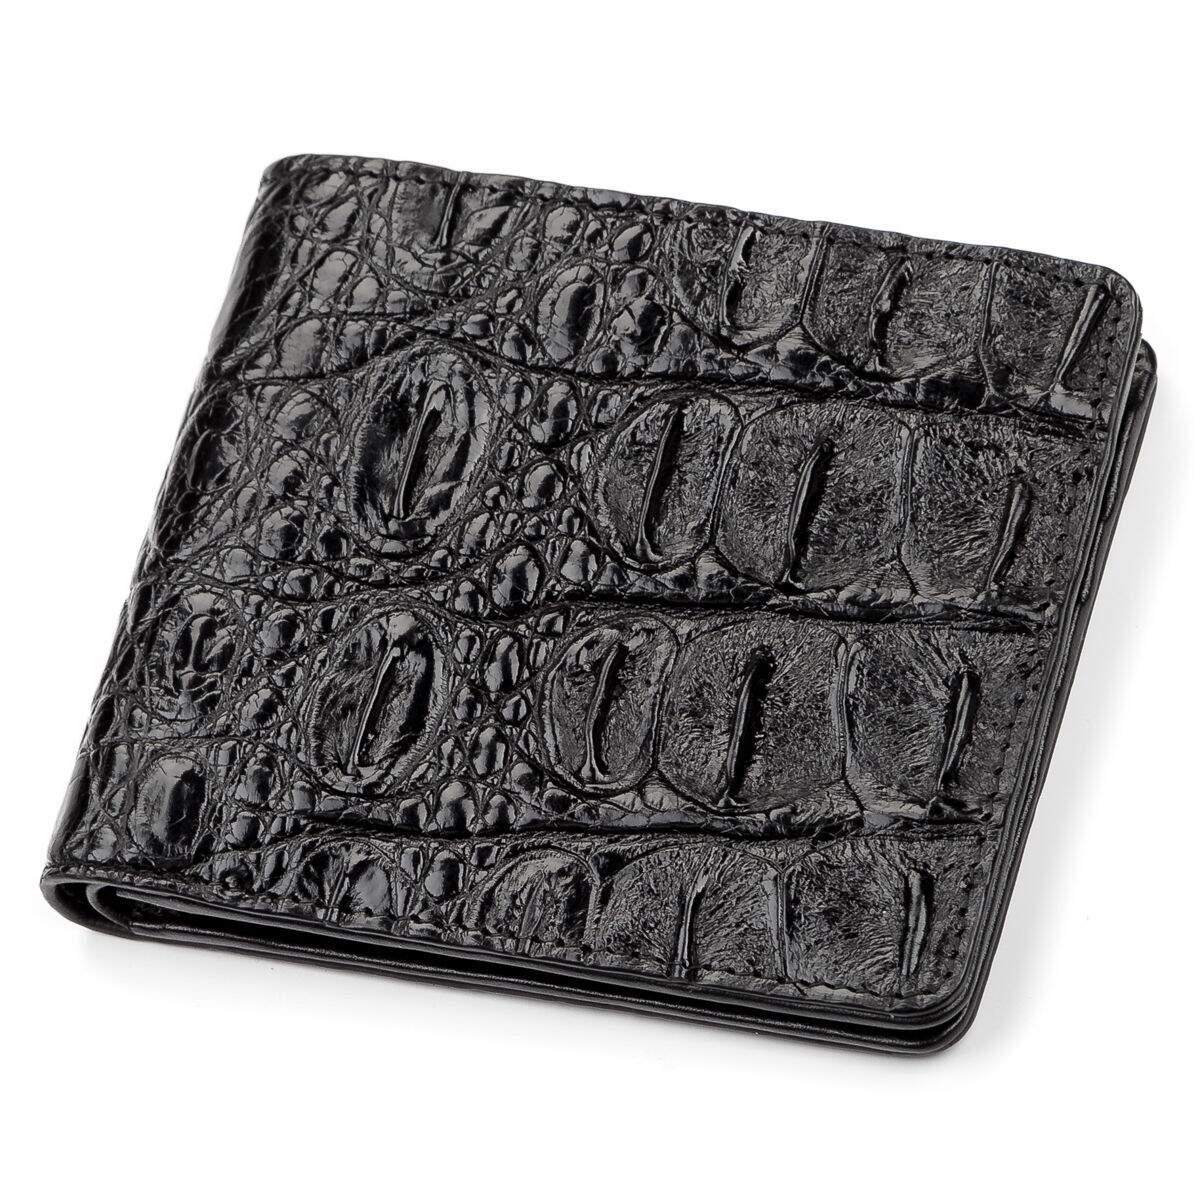 663e5faf41dd Портмоне CROCODILE LEATHER 18045 из натуральной кожи крокодила Черное